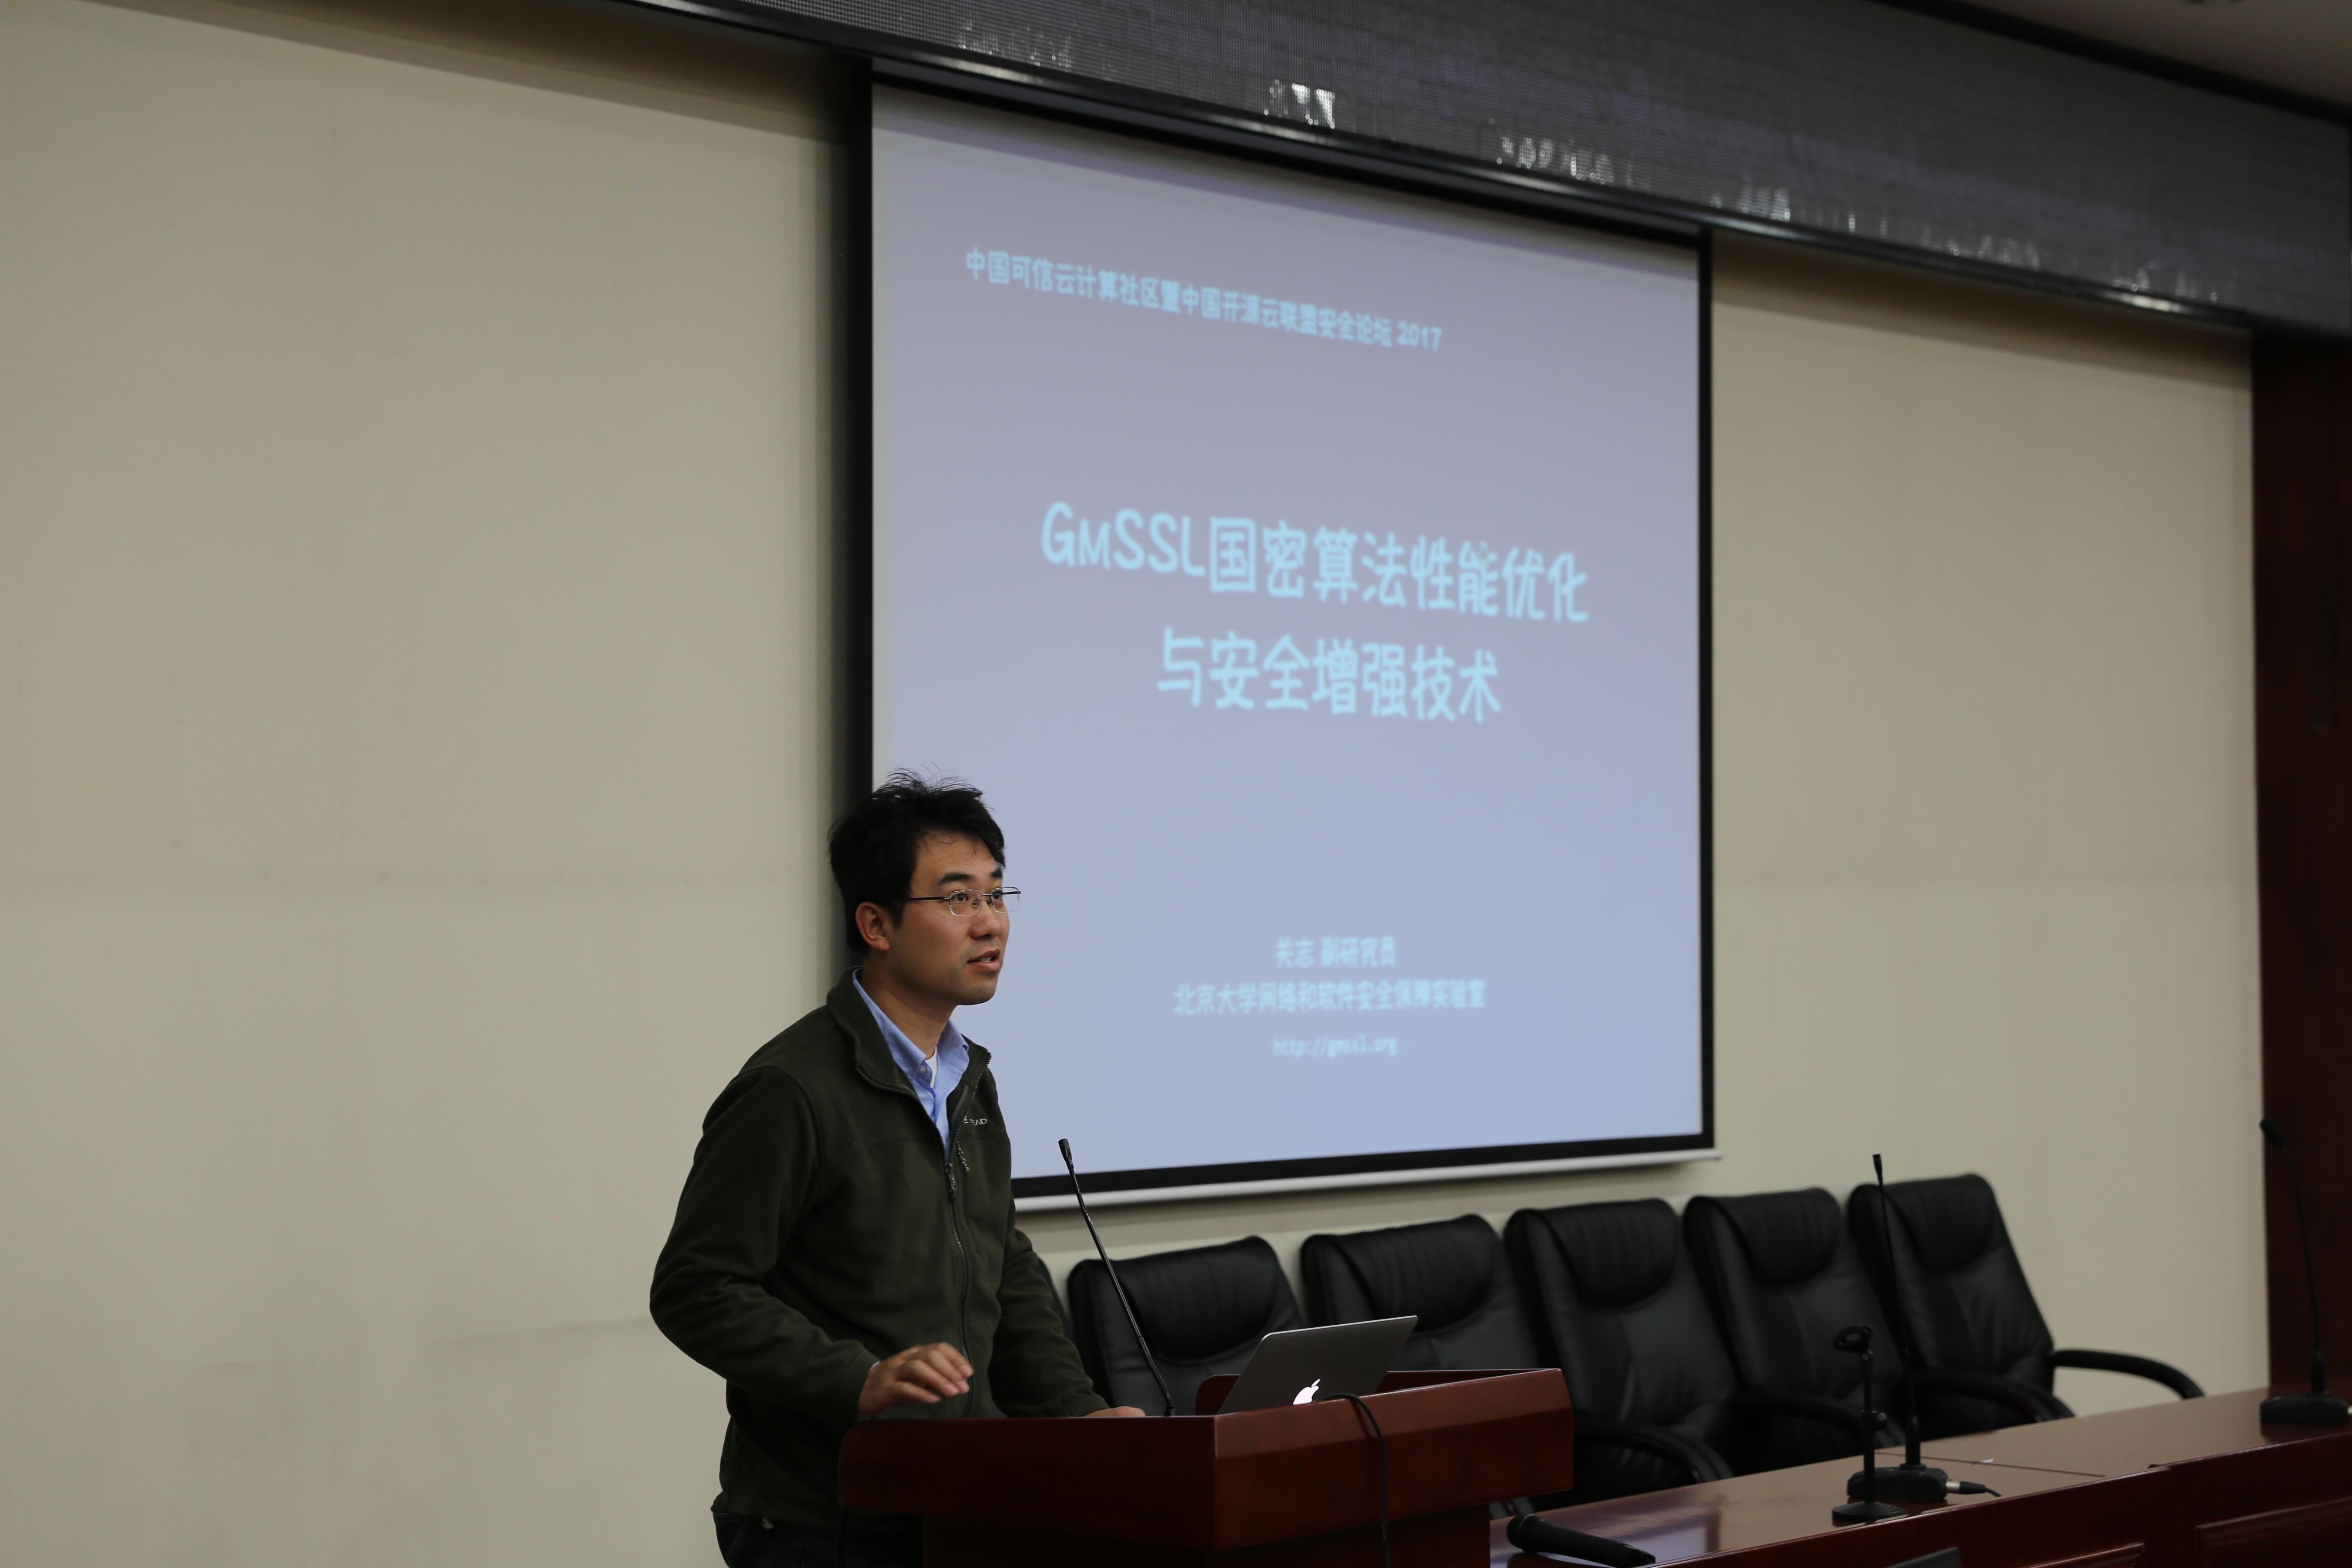 北京大学关志副研究员作主题为《GmSSL 国密算法性能优化与安全增强技术》的报告